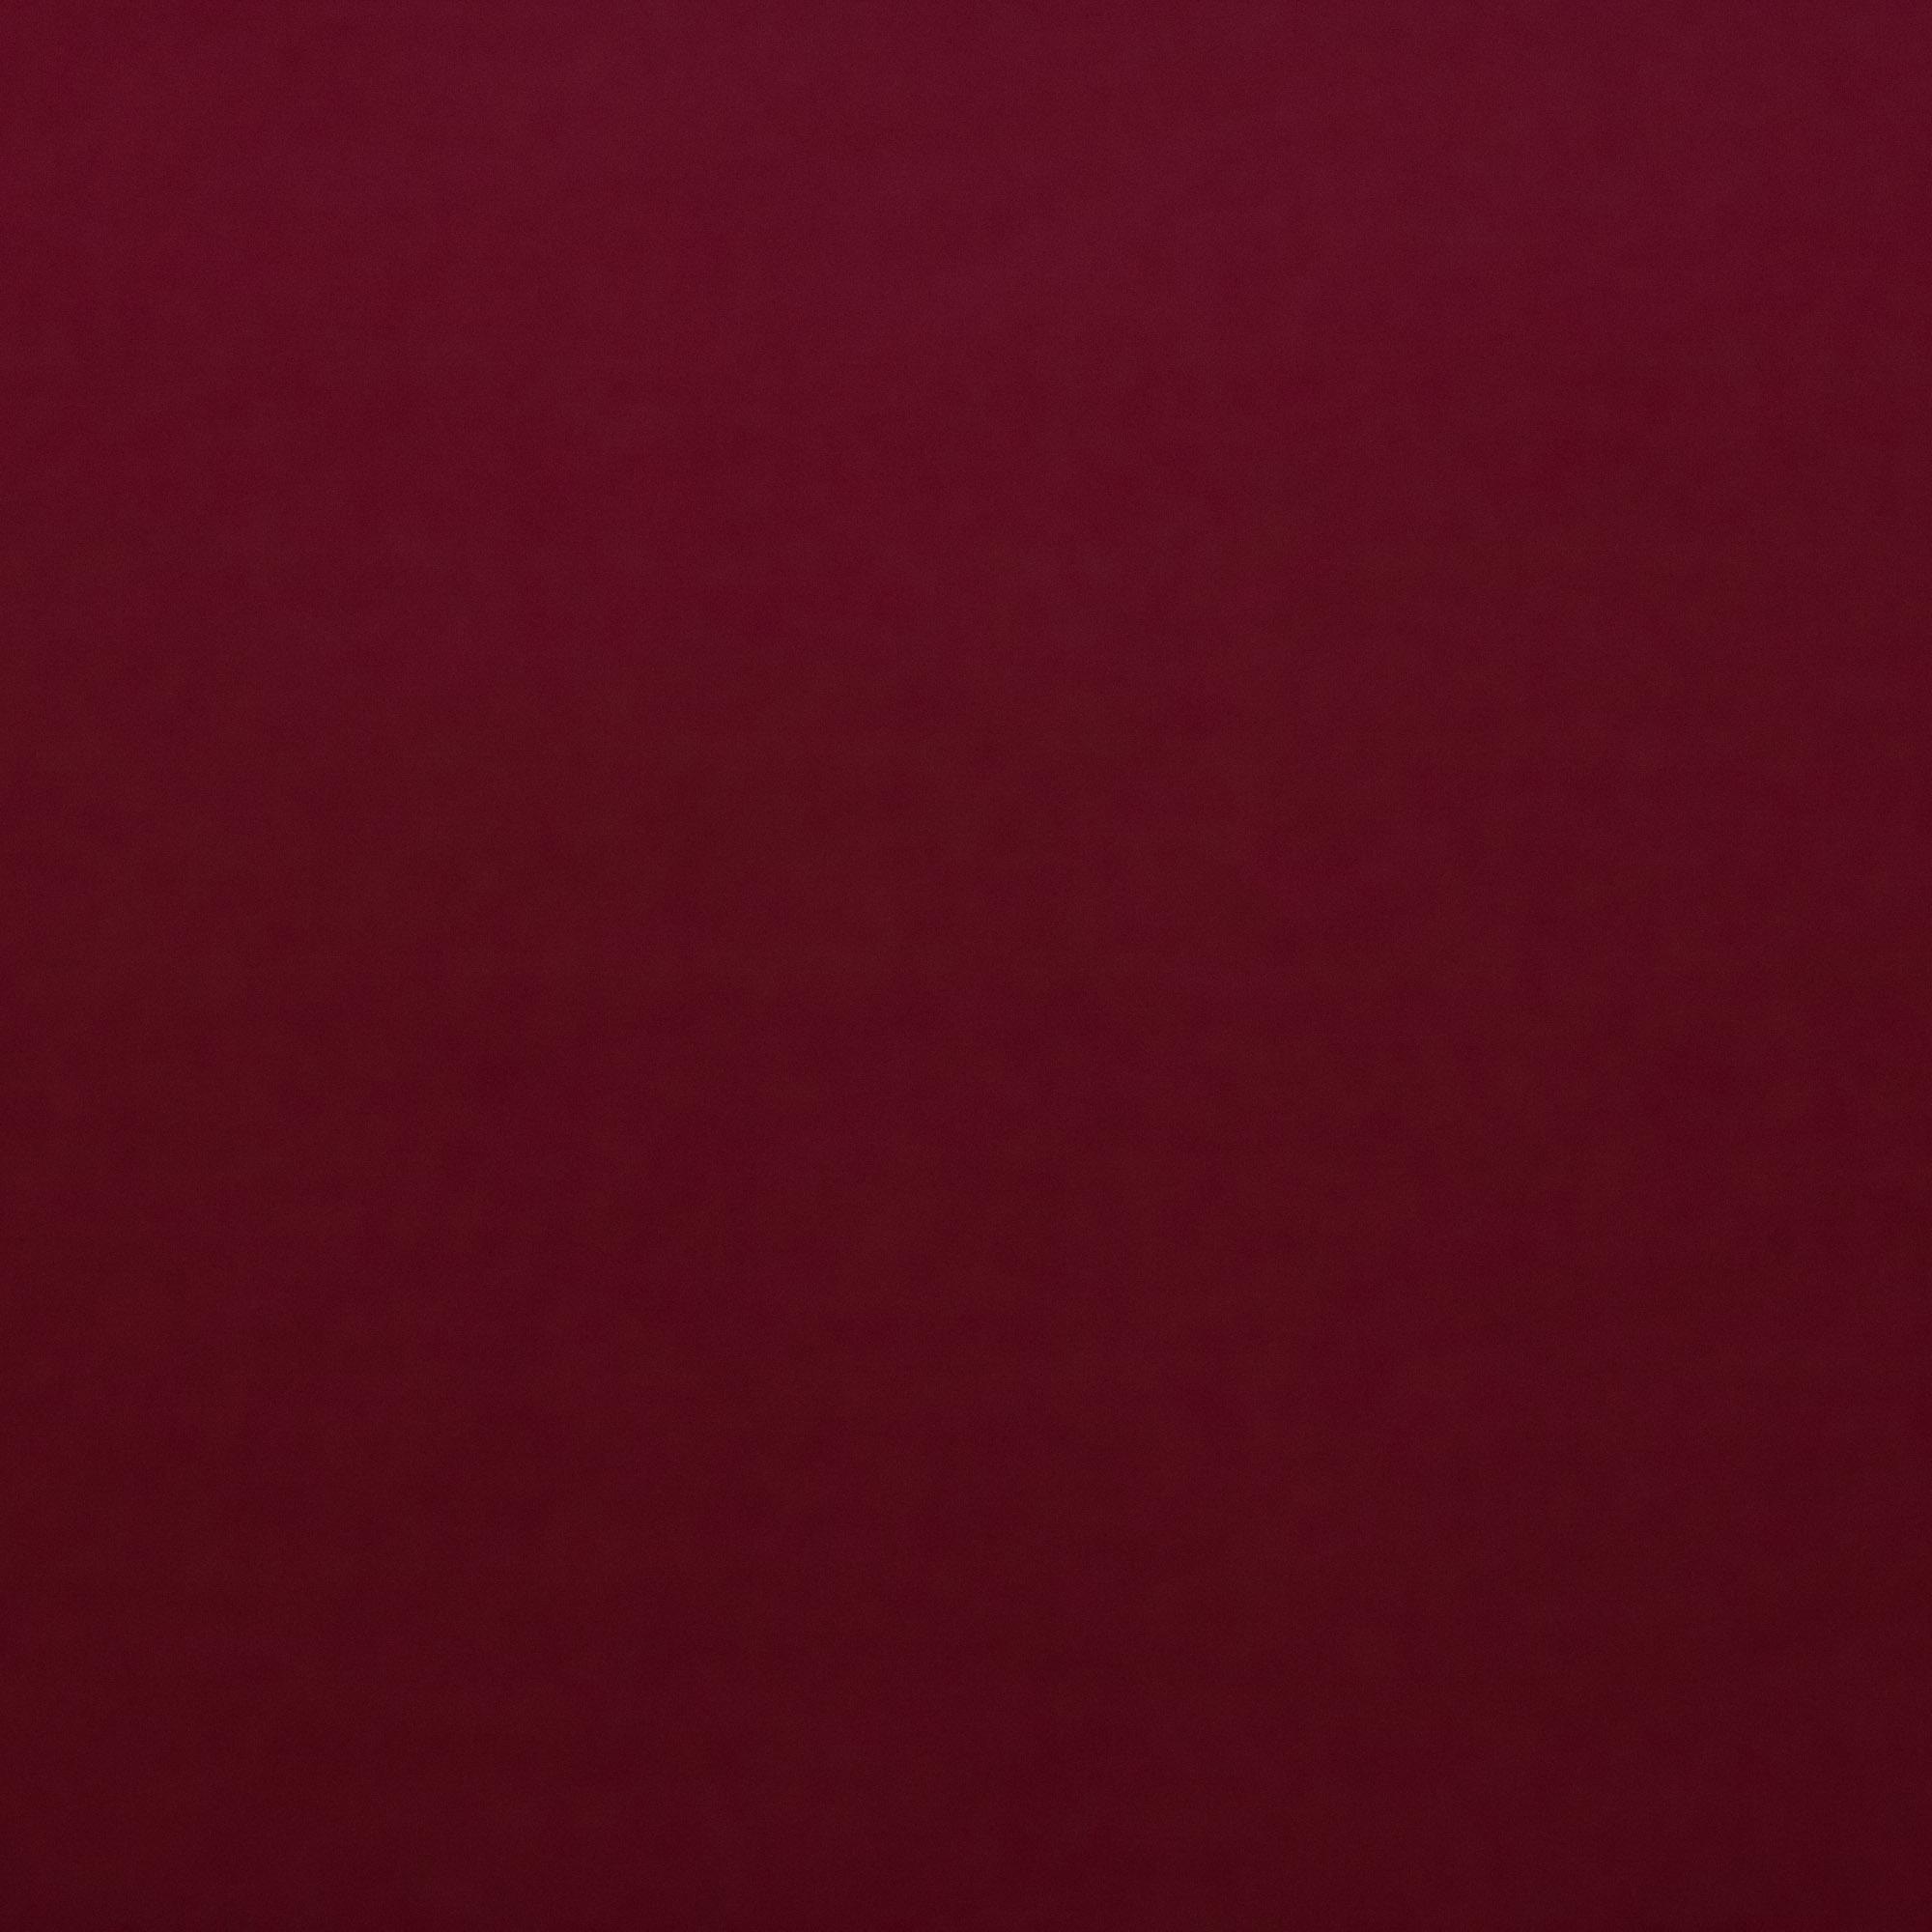 Tecido Malha Neoprene 1,60 m Largura Vinho